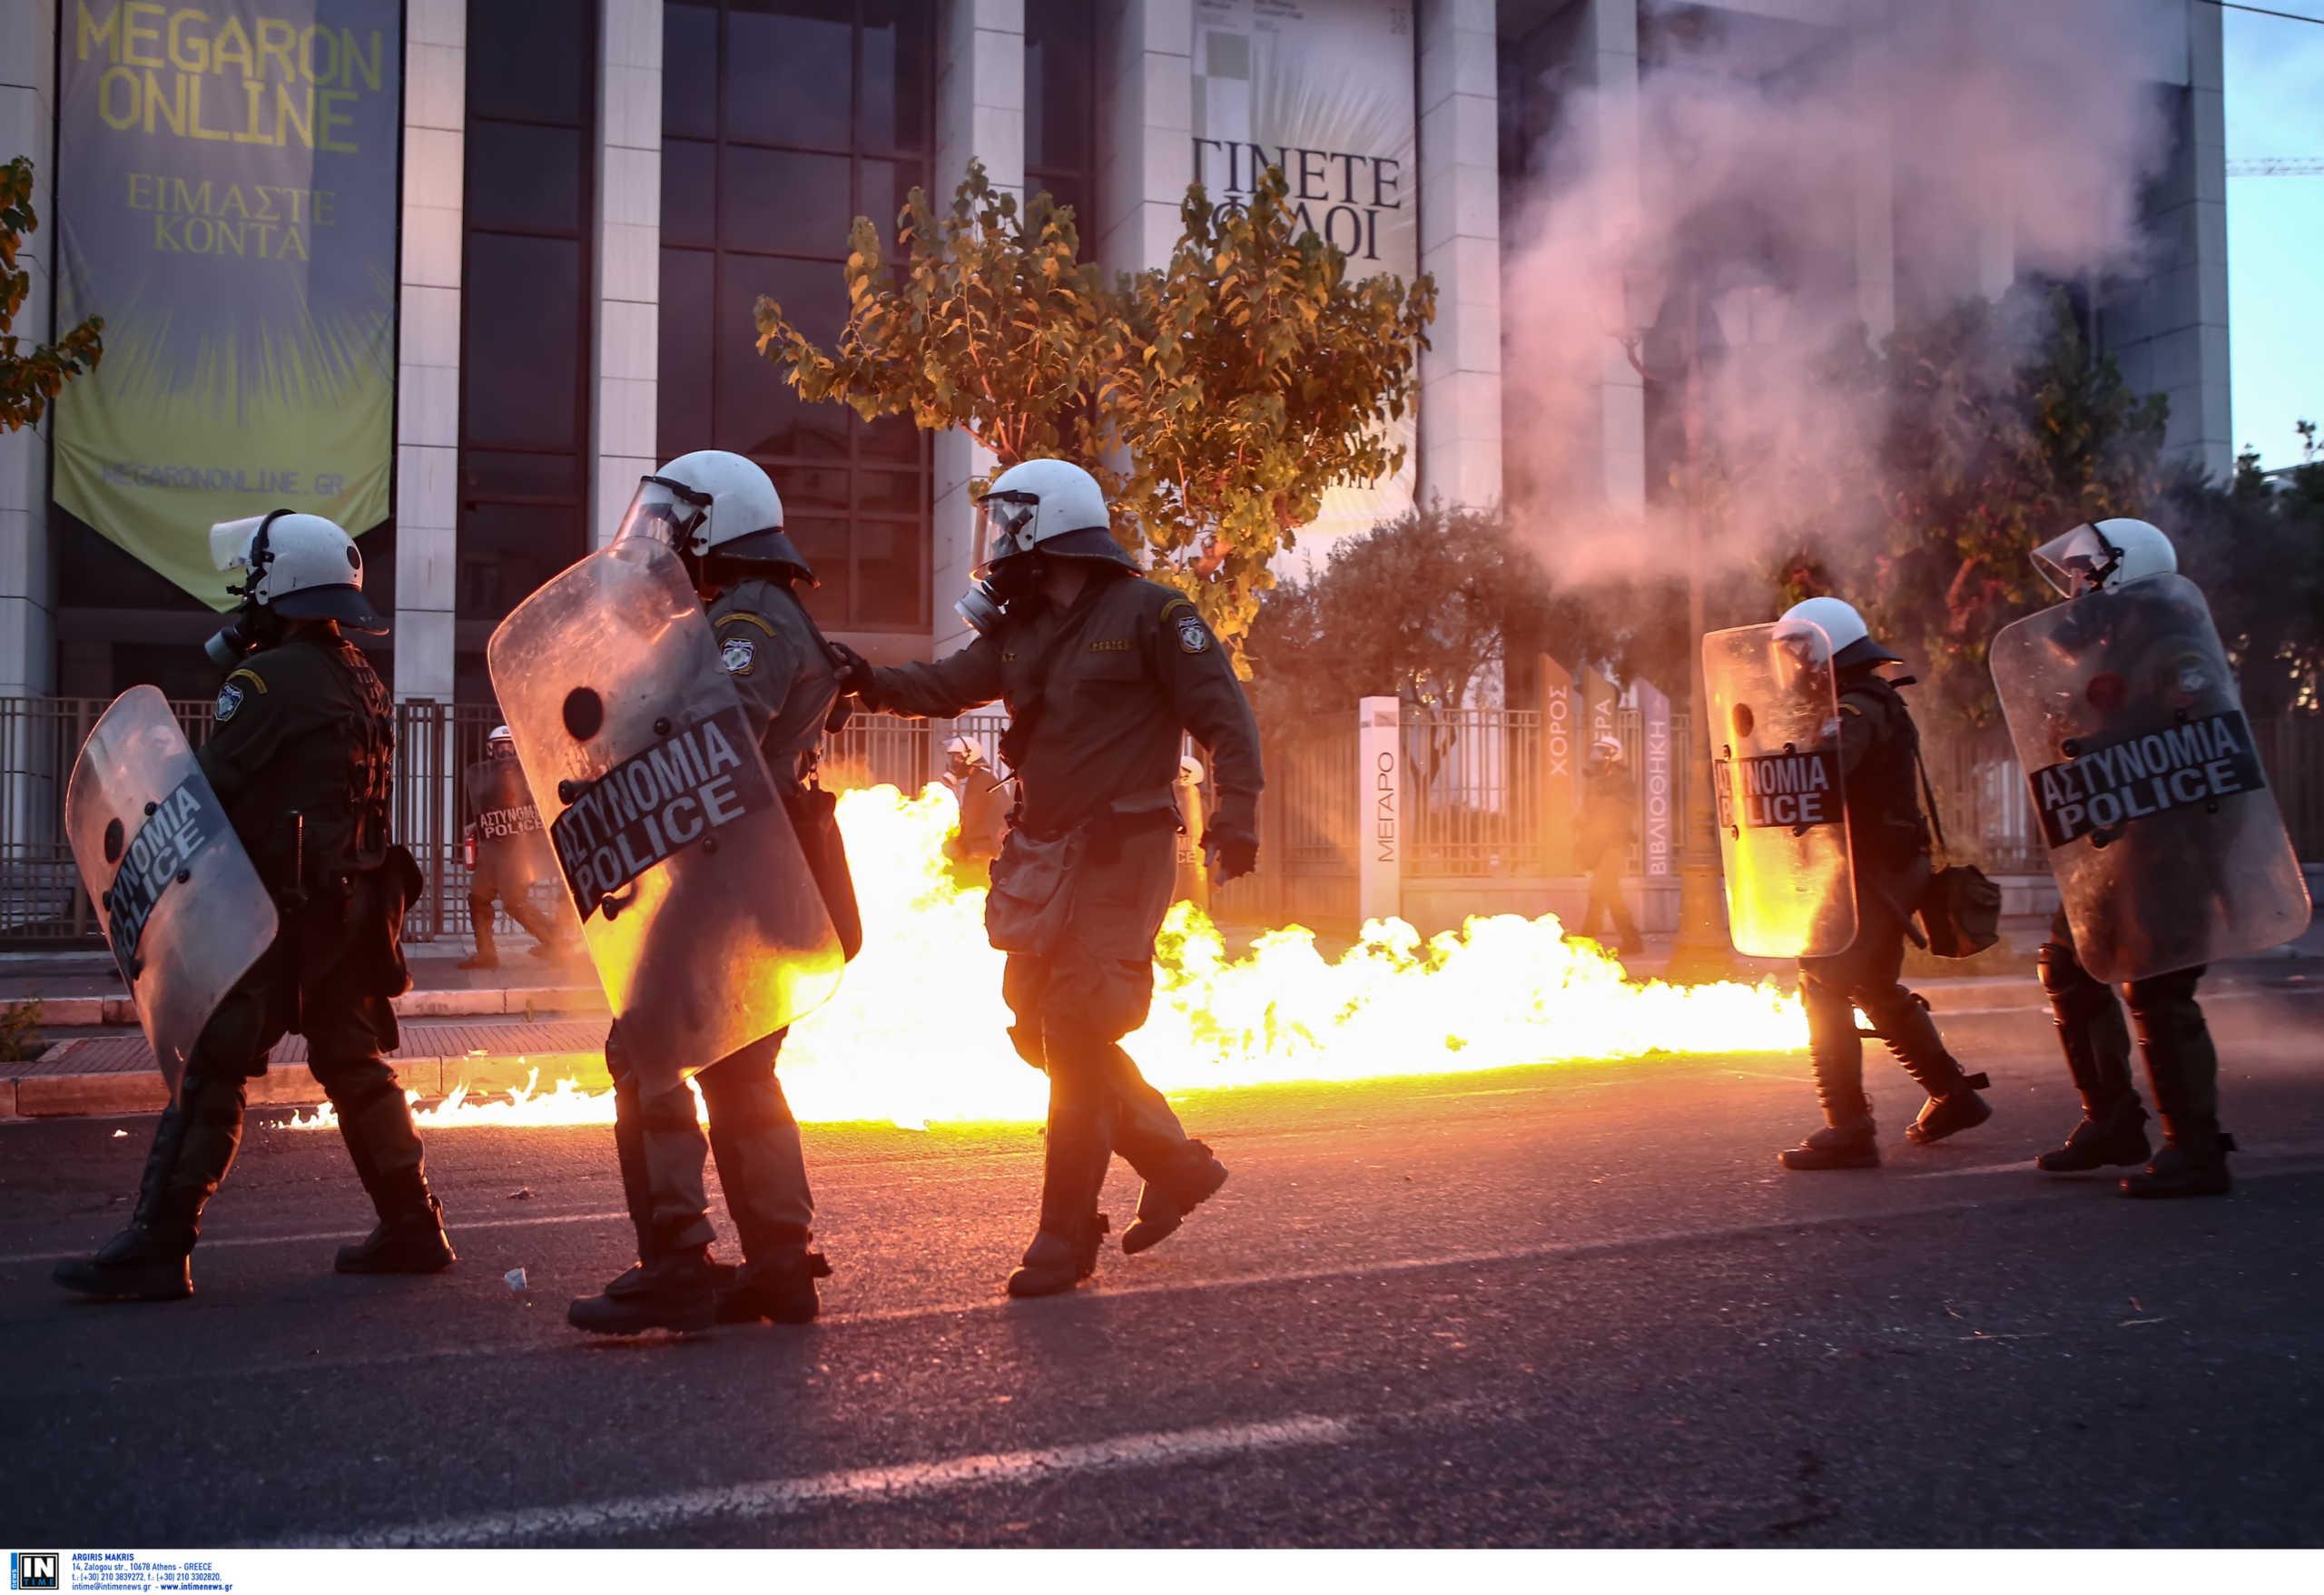 ΣΥΡΙΖΑ: Η κυβέρνηση γυρίζει τη χώρα στο '61